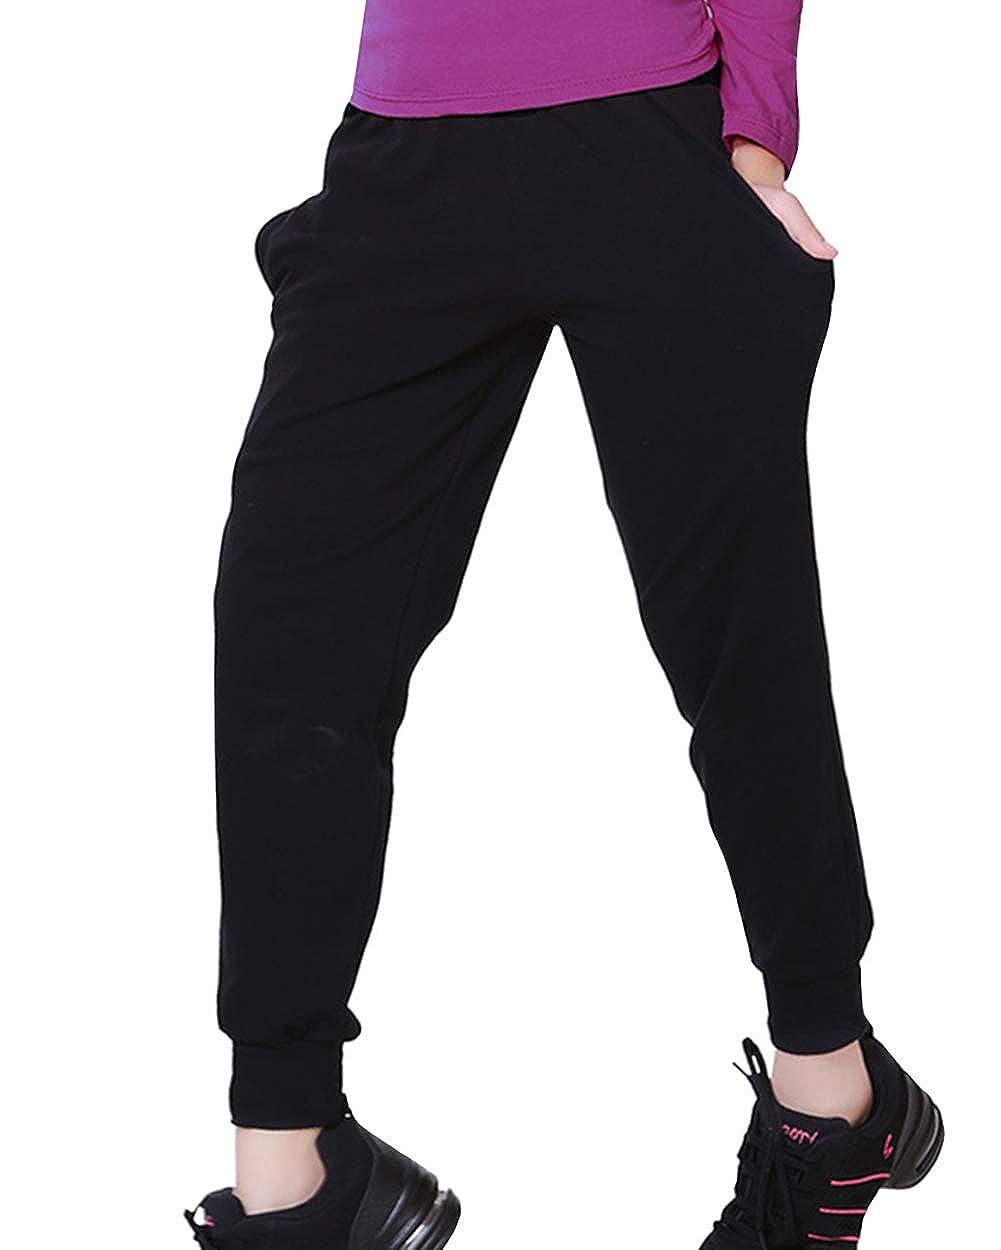 Amazon.com: Happy Cherry Kids Boys Girls Baggy Elastic Pants ...